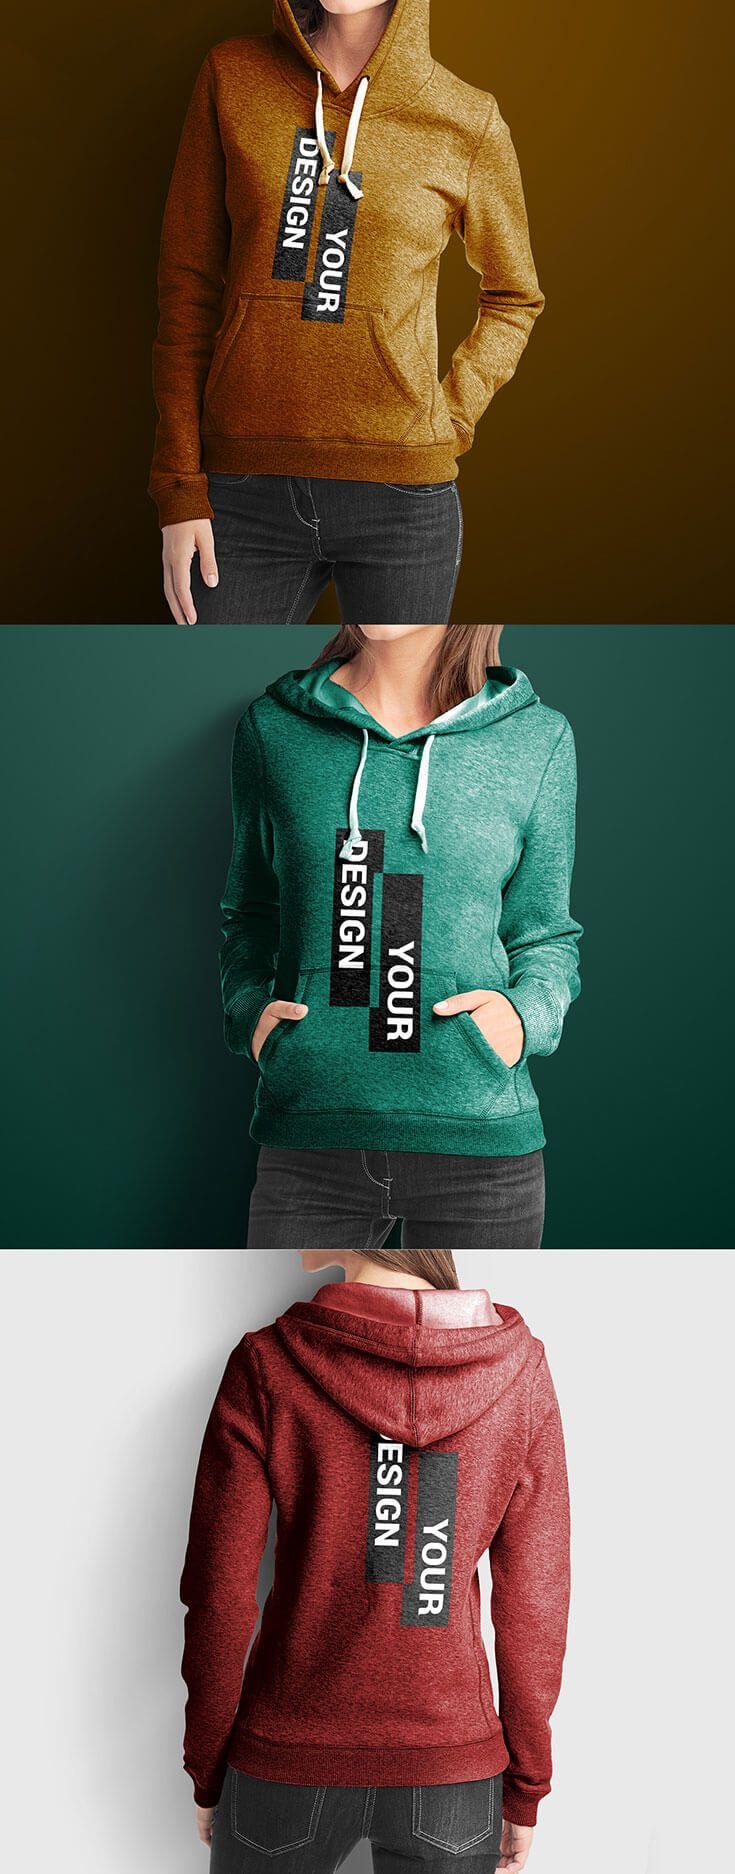 Download Free Hoodie Mockup Psd Bundle Hoodie Mockup Shirt Mockup Tshirt Mockup